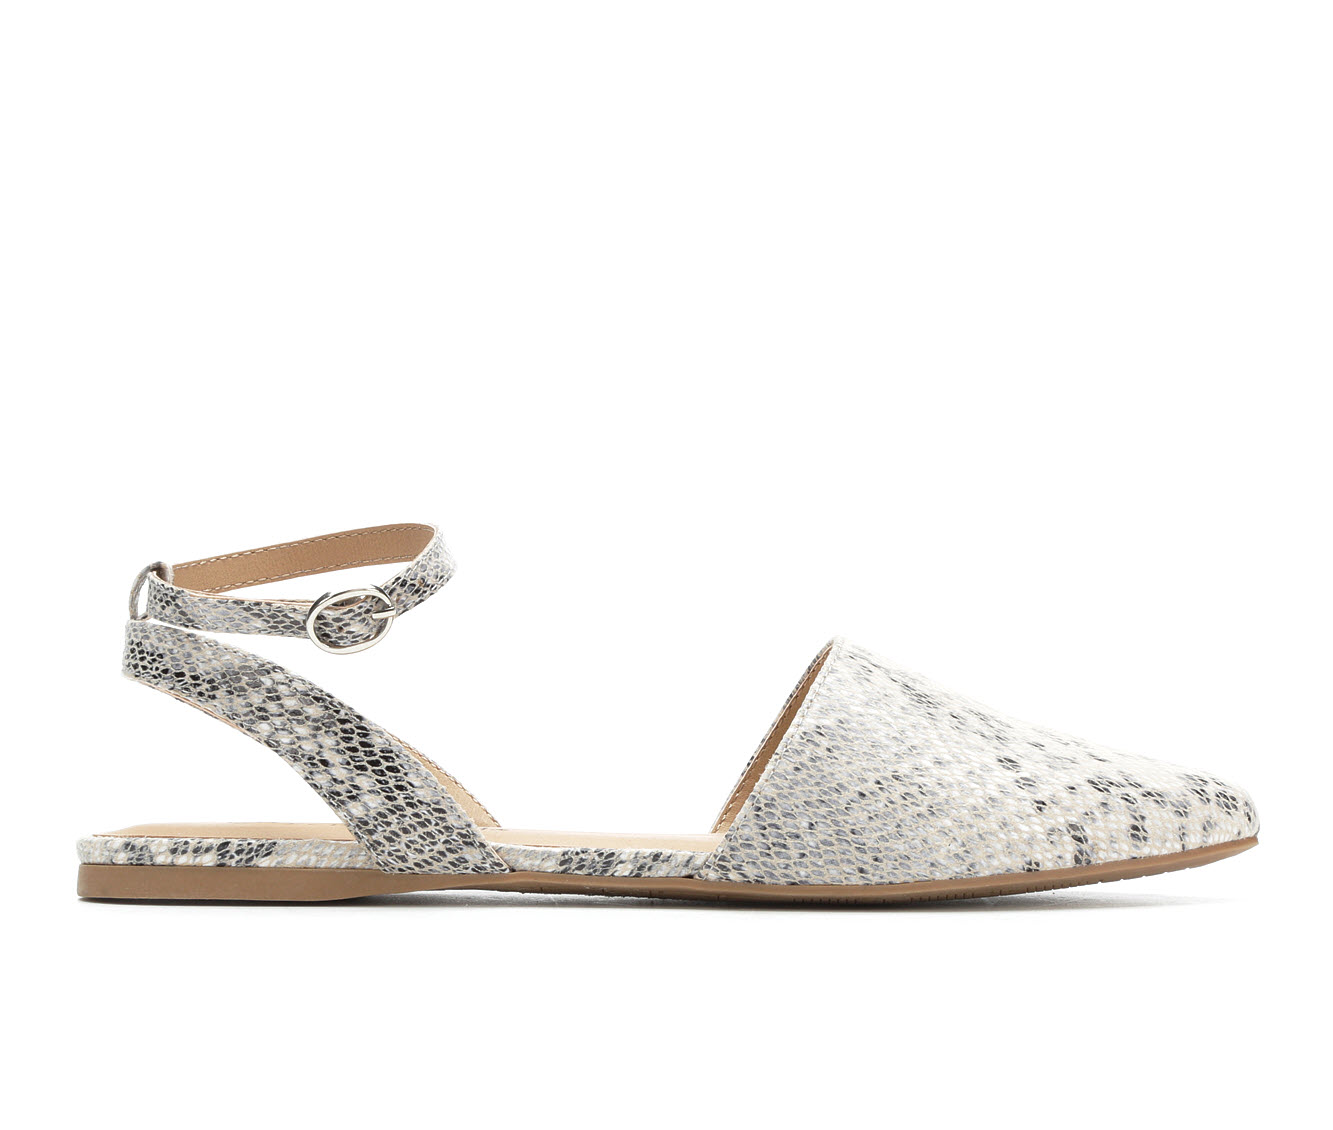 City Classified Gilly Women's Shoe (Beige Faux Leather)